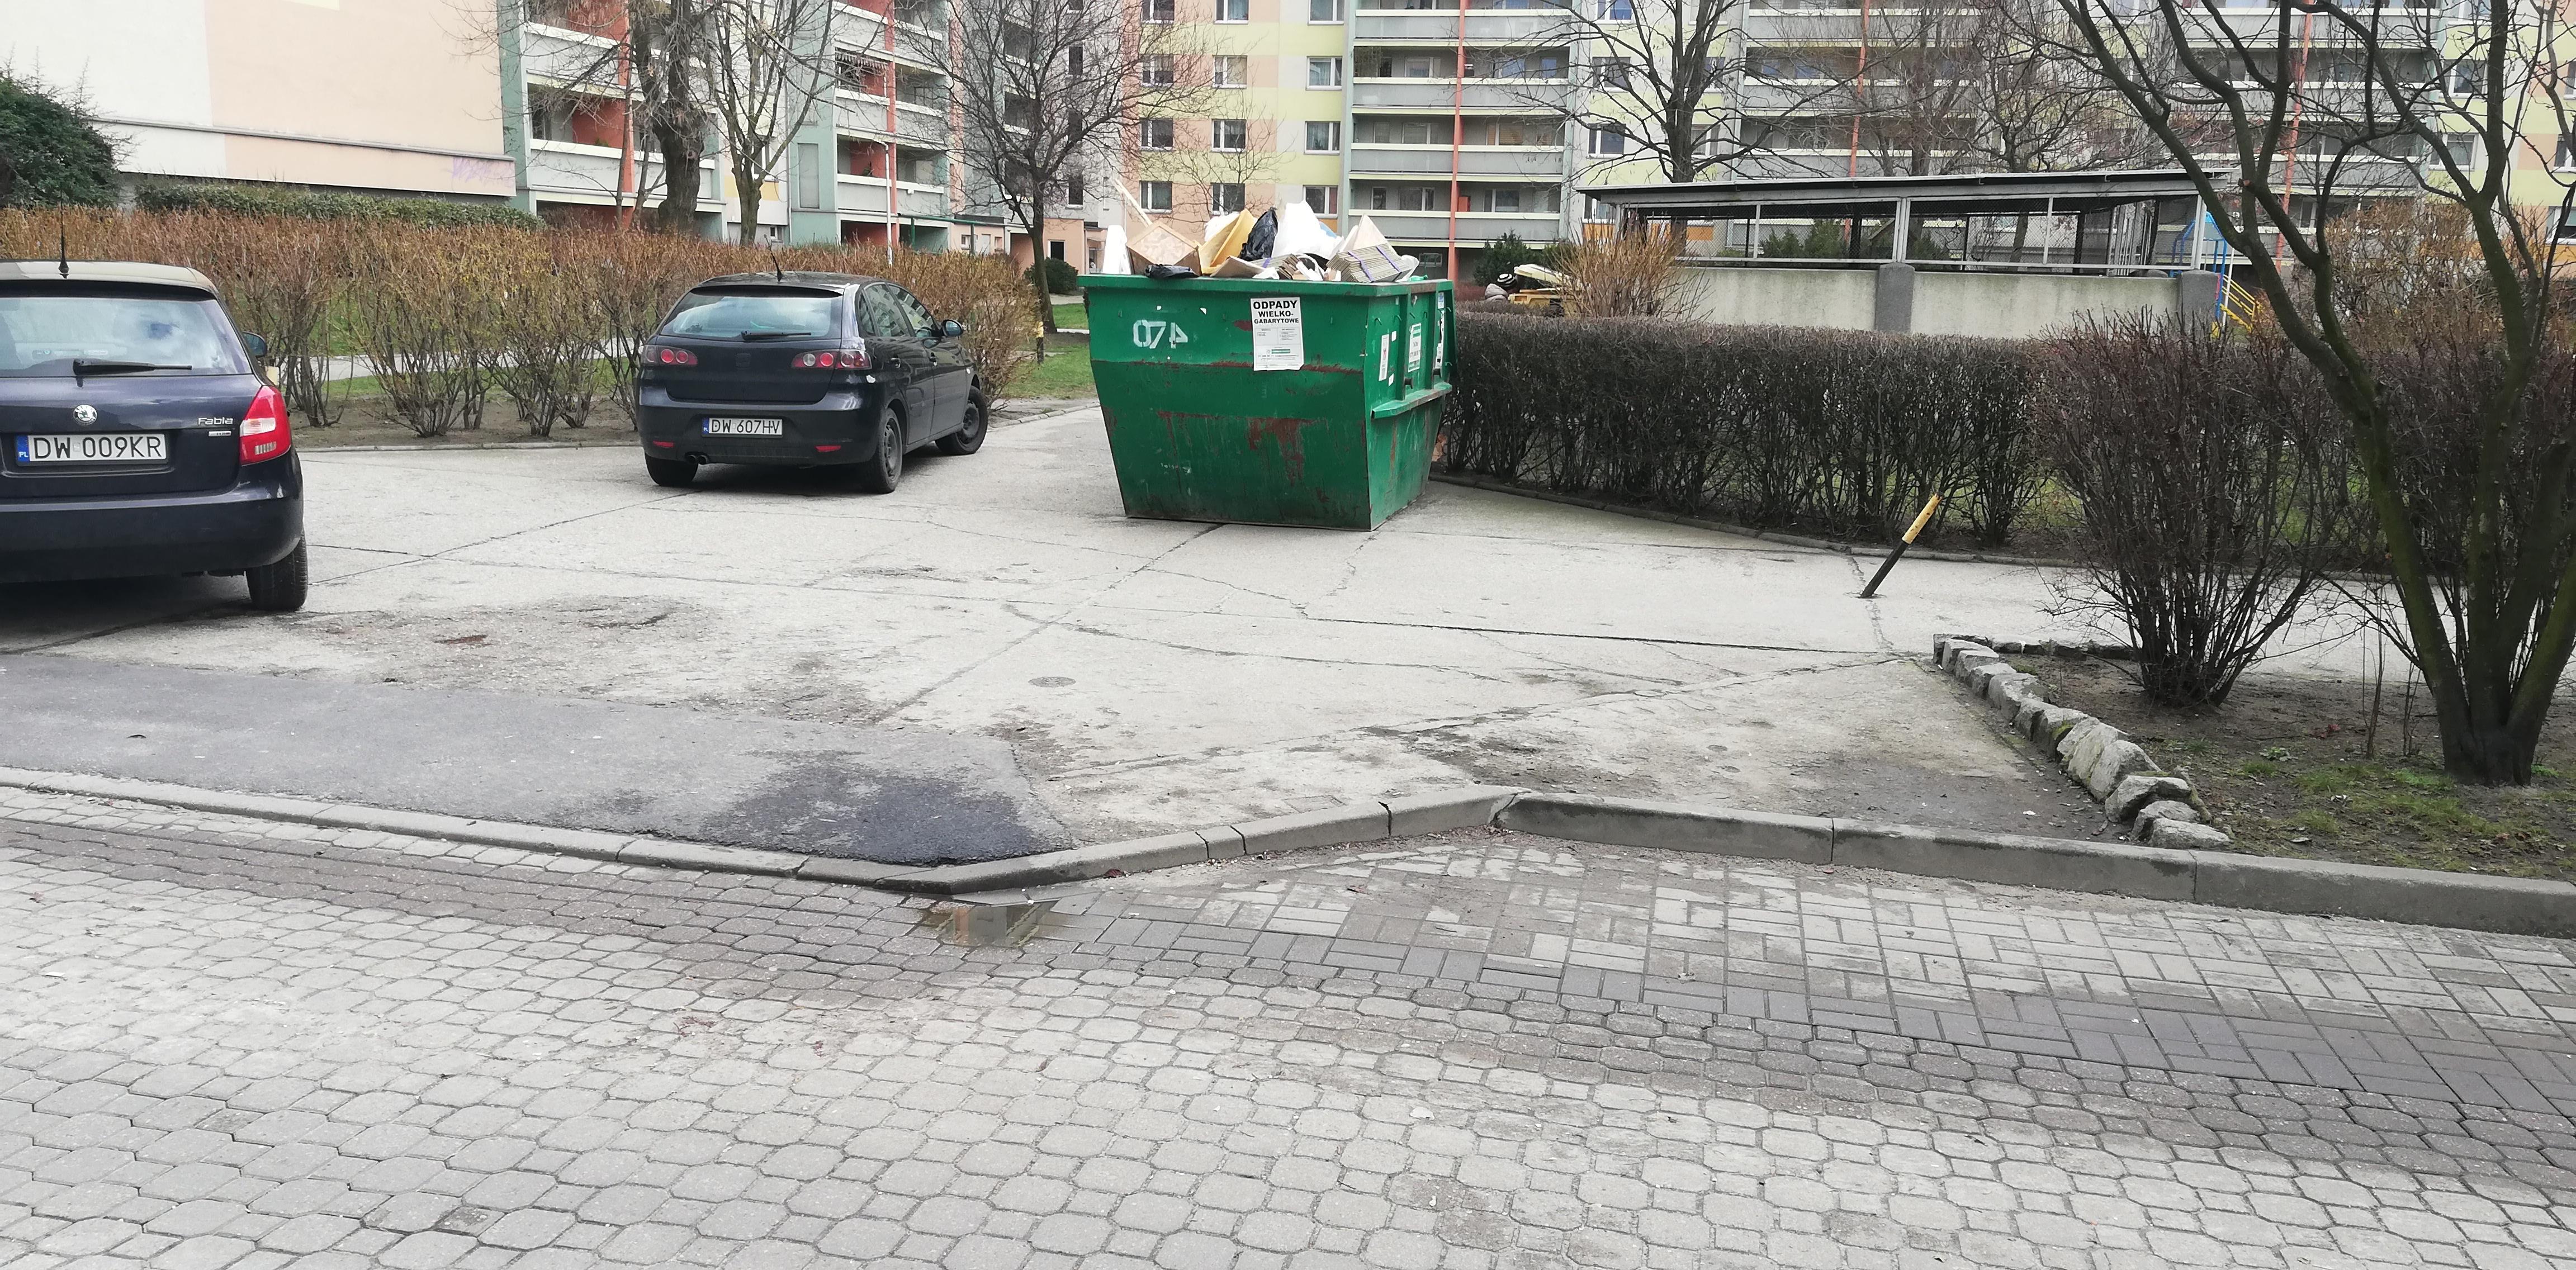 Wskazanie miejsc do składowania odpadów wielkogabarytowych